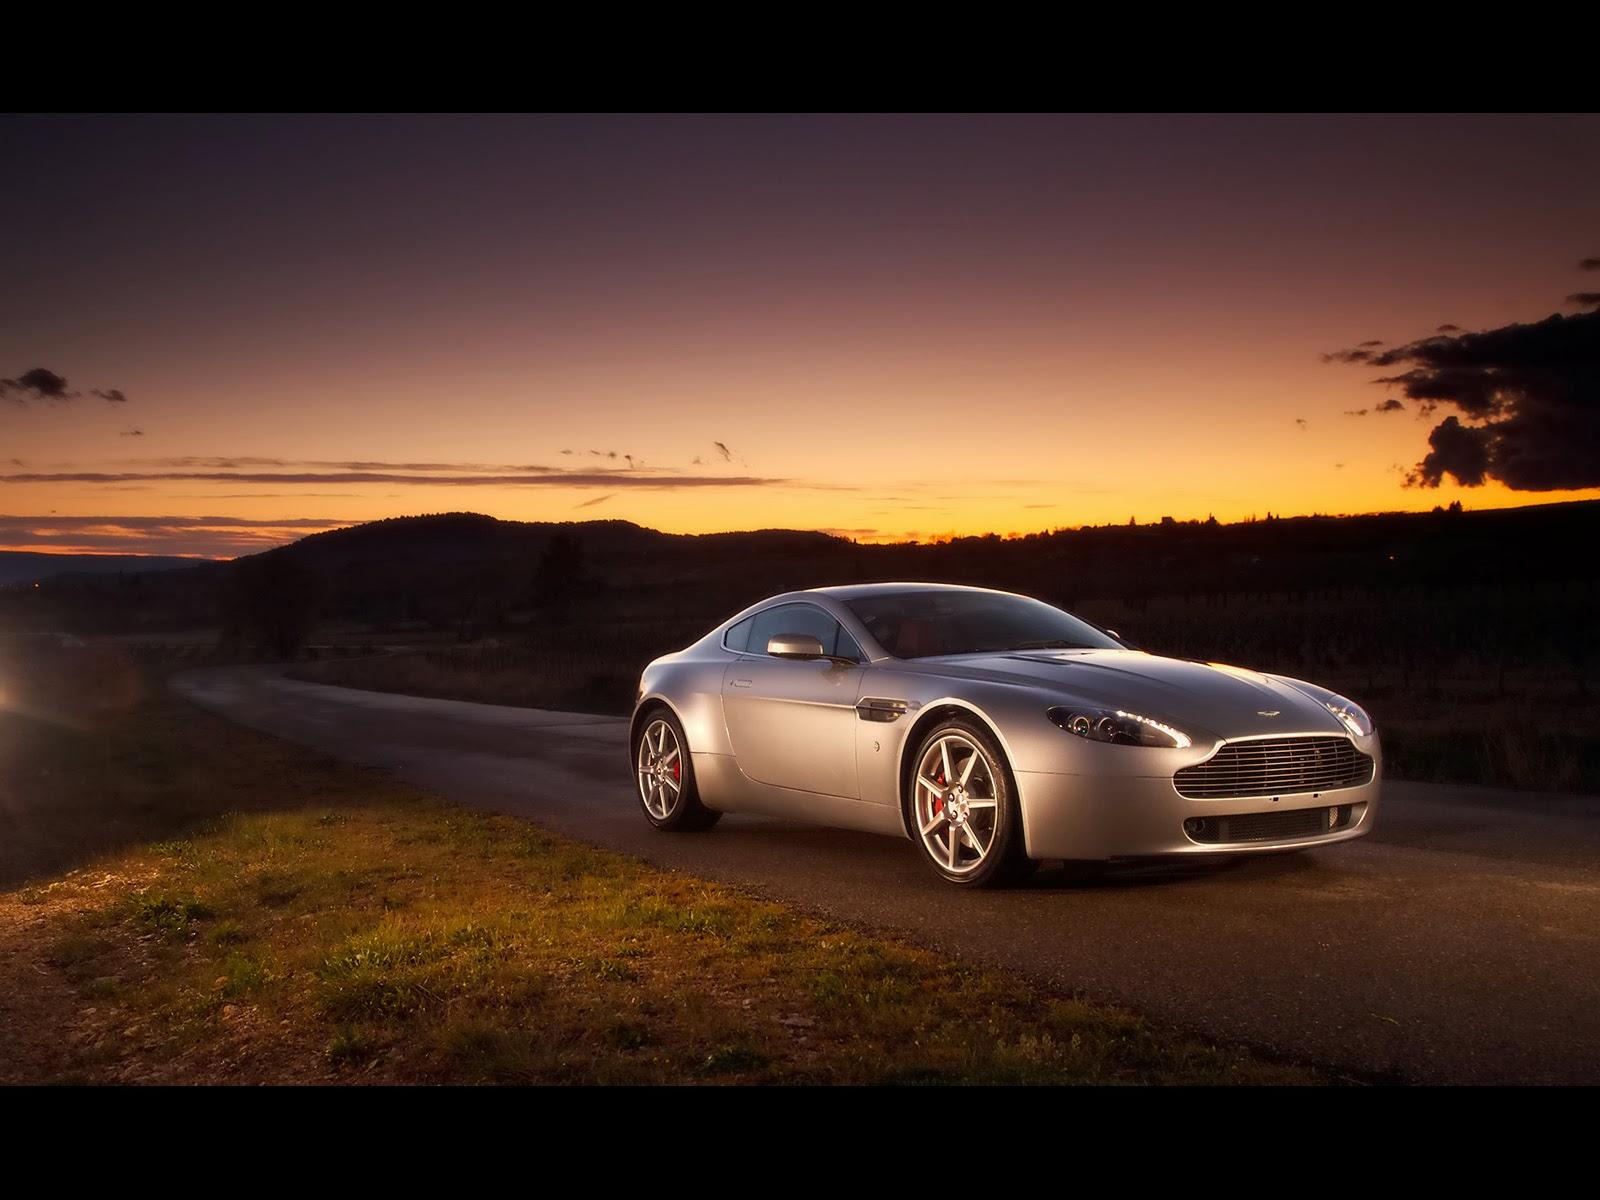 Fondos De Pantalla Coches: En HD Imagenes: Fondo De Pantalla Coche Aston Martin